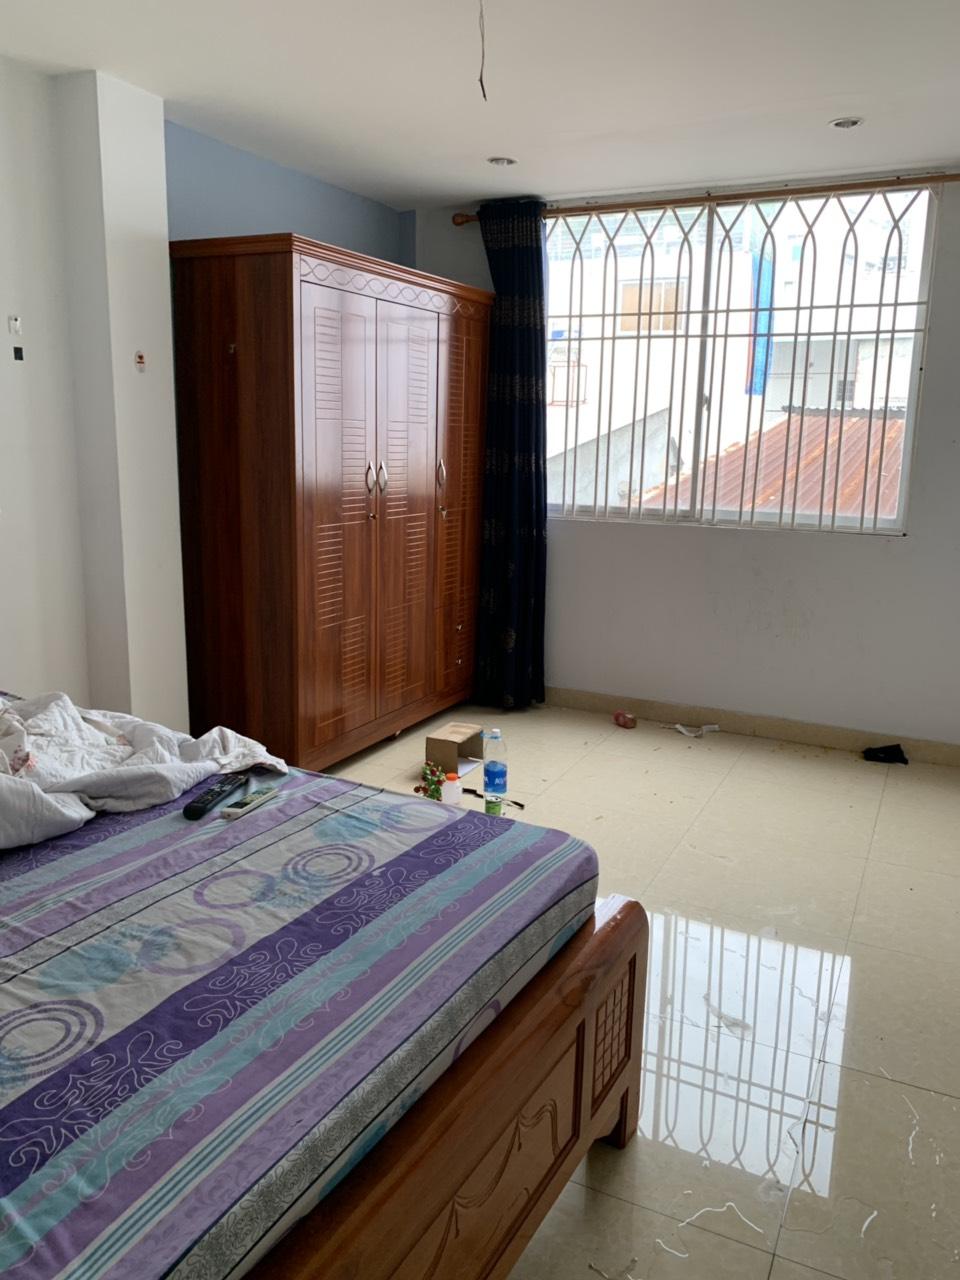 Bán nhà hẻm 780 Trần Hưng Đạo phường 7 Quận 5. DT 3,3x12,5m